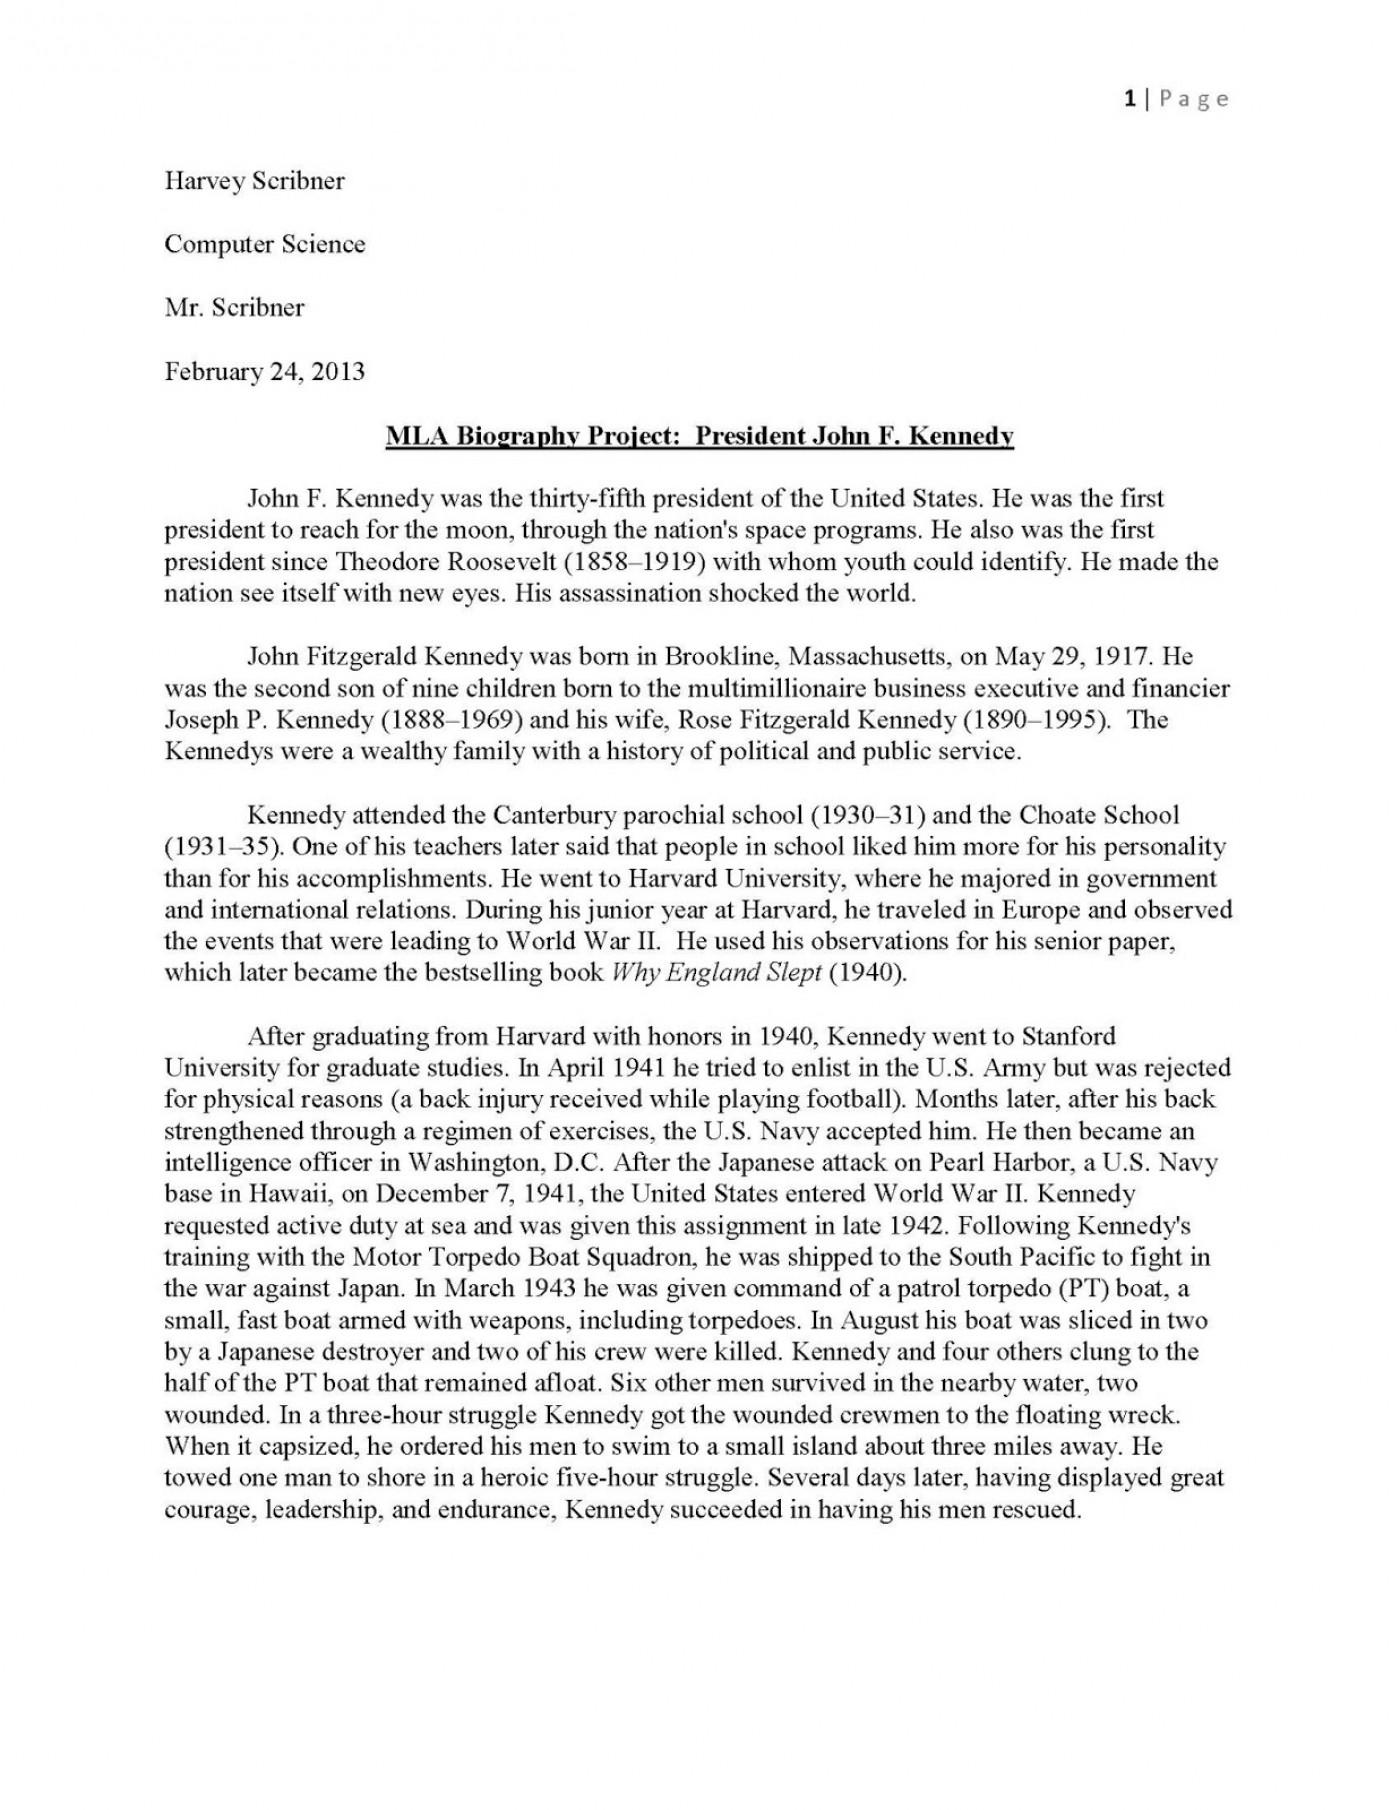 016 Njhs Essay Conclusion Example Jfkmlashortformbiographyreportexample Page 1 Unique 1400